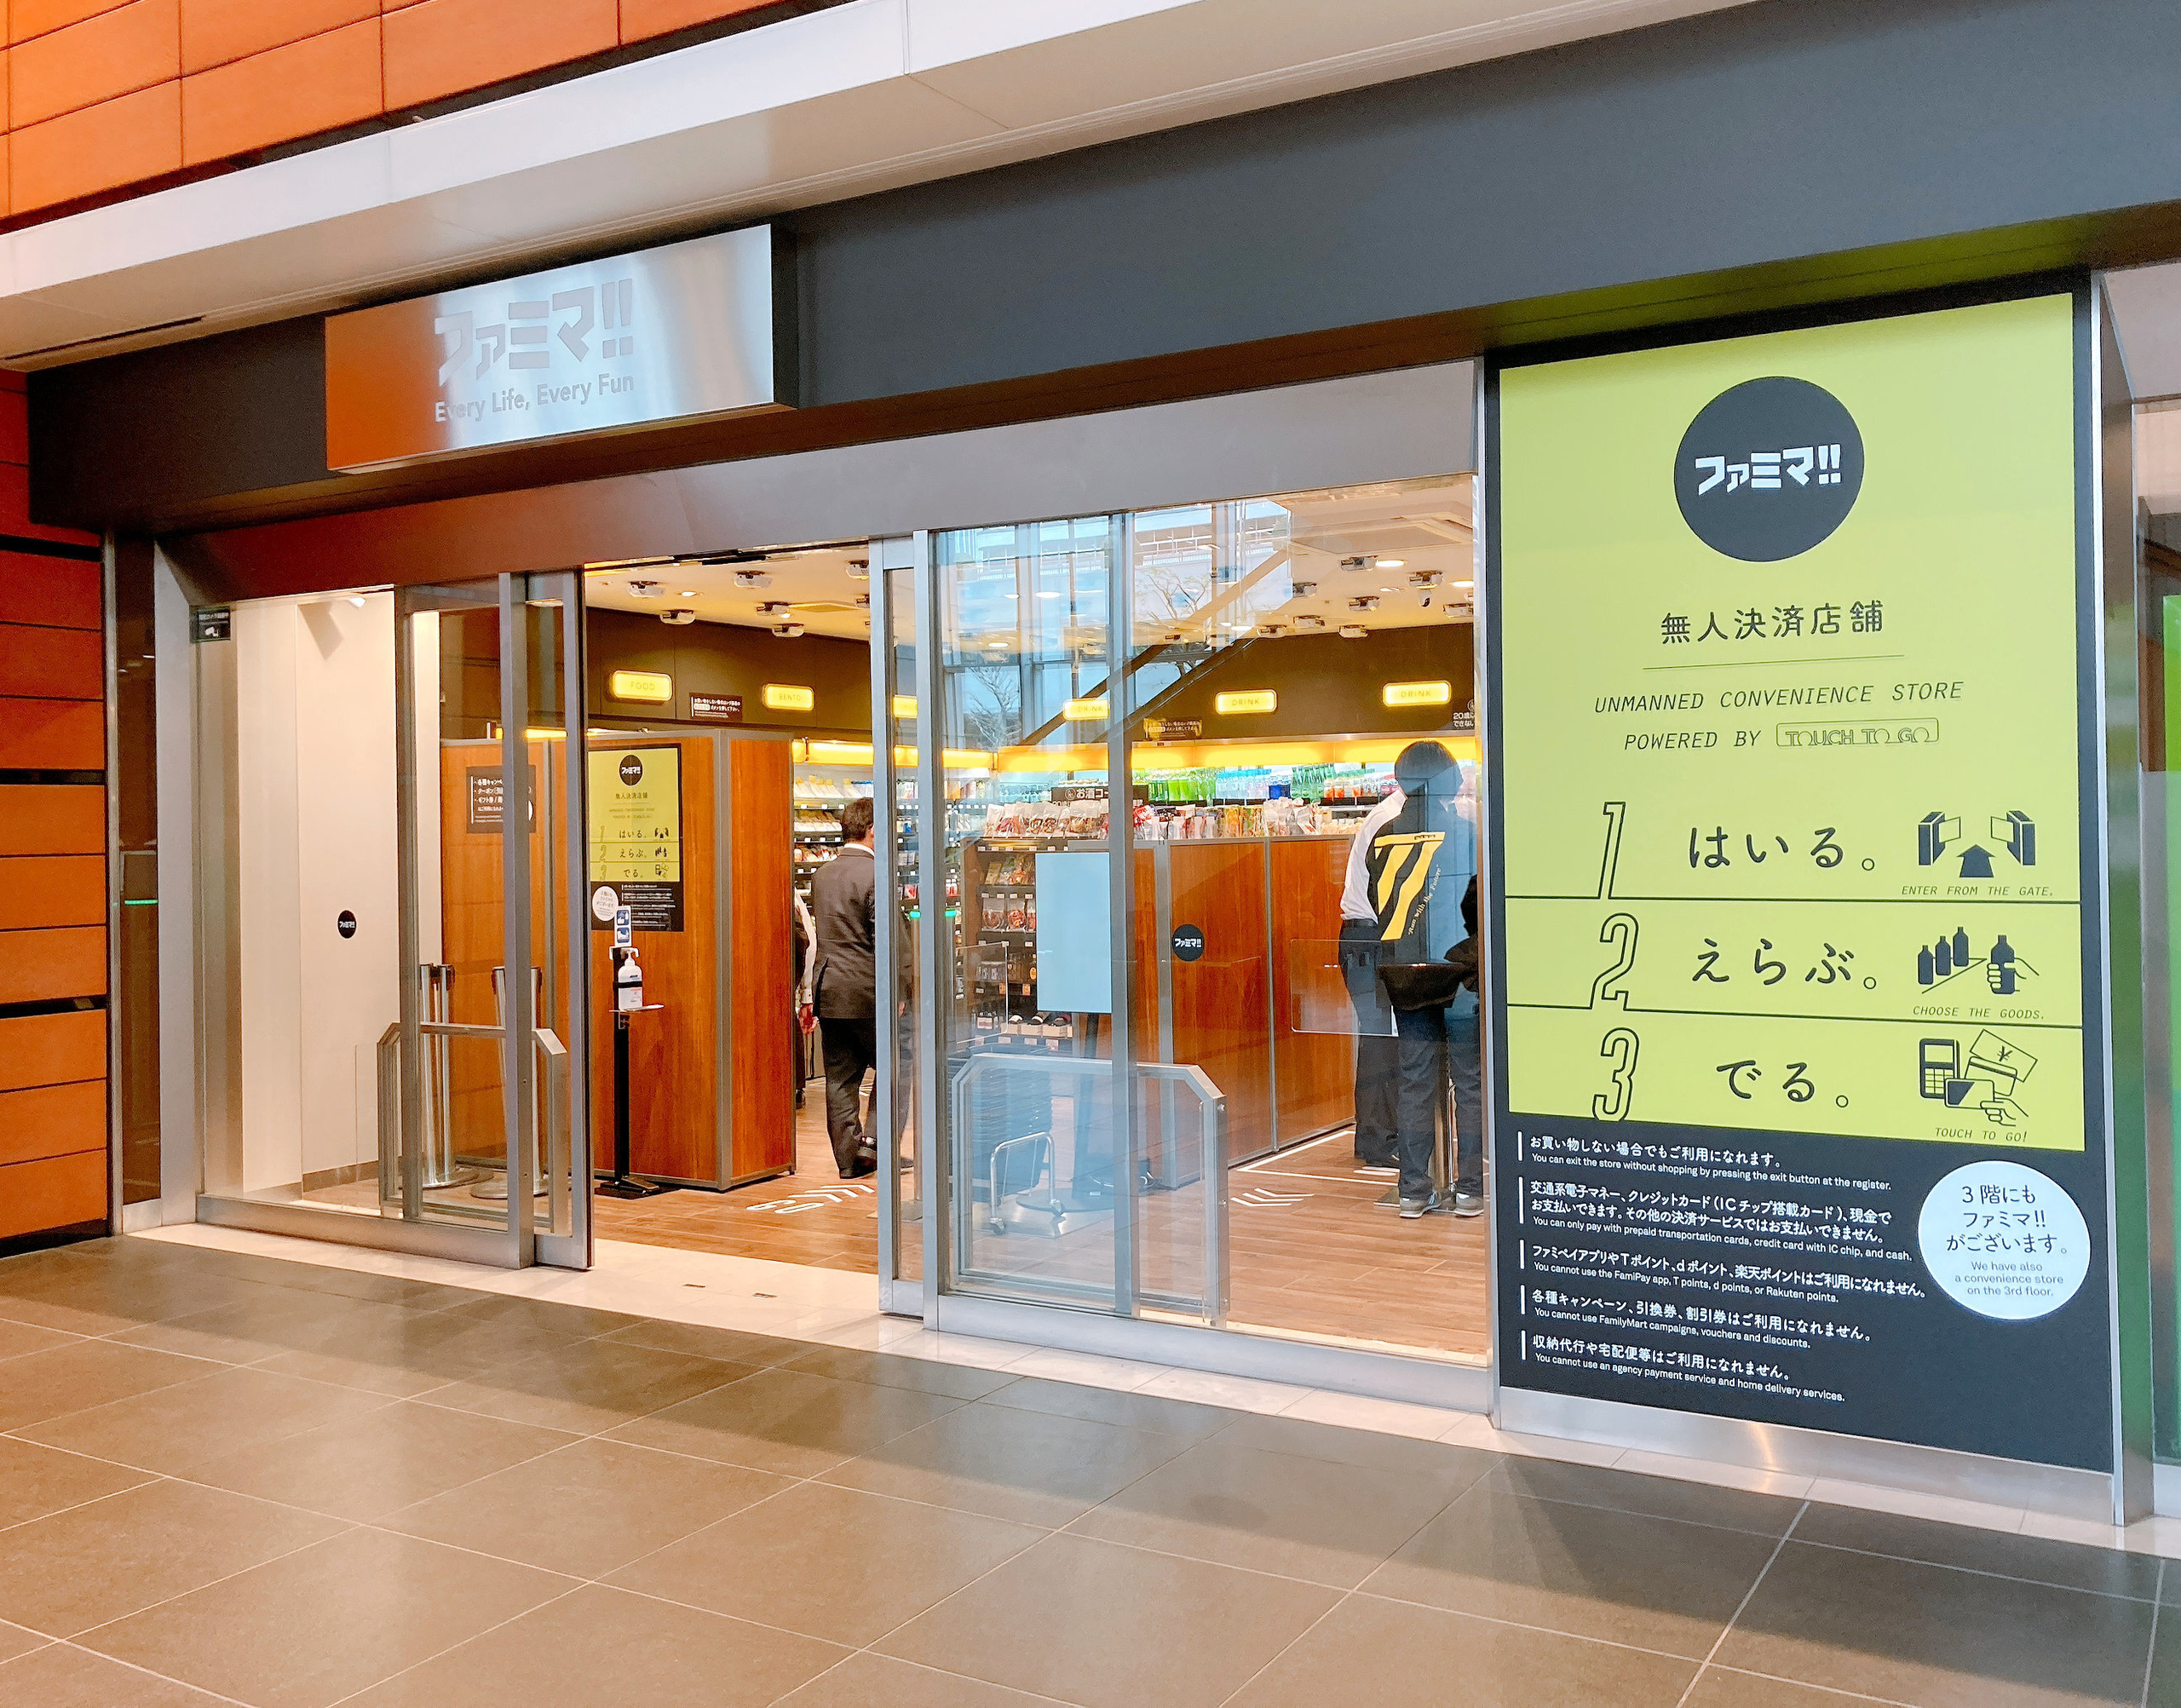 """Trải nghiệm mua sắm tại """"cửa hàng tiện lợi không nhân viên"""" đầu tiên được ứng dụng tại Nhật Bản - Ảnh 1."""